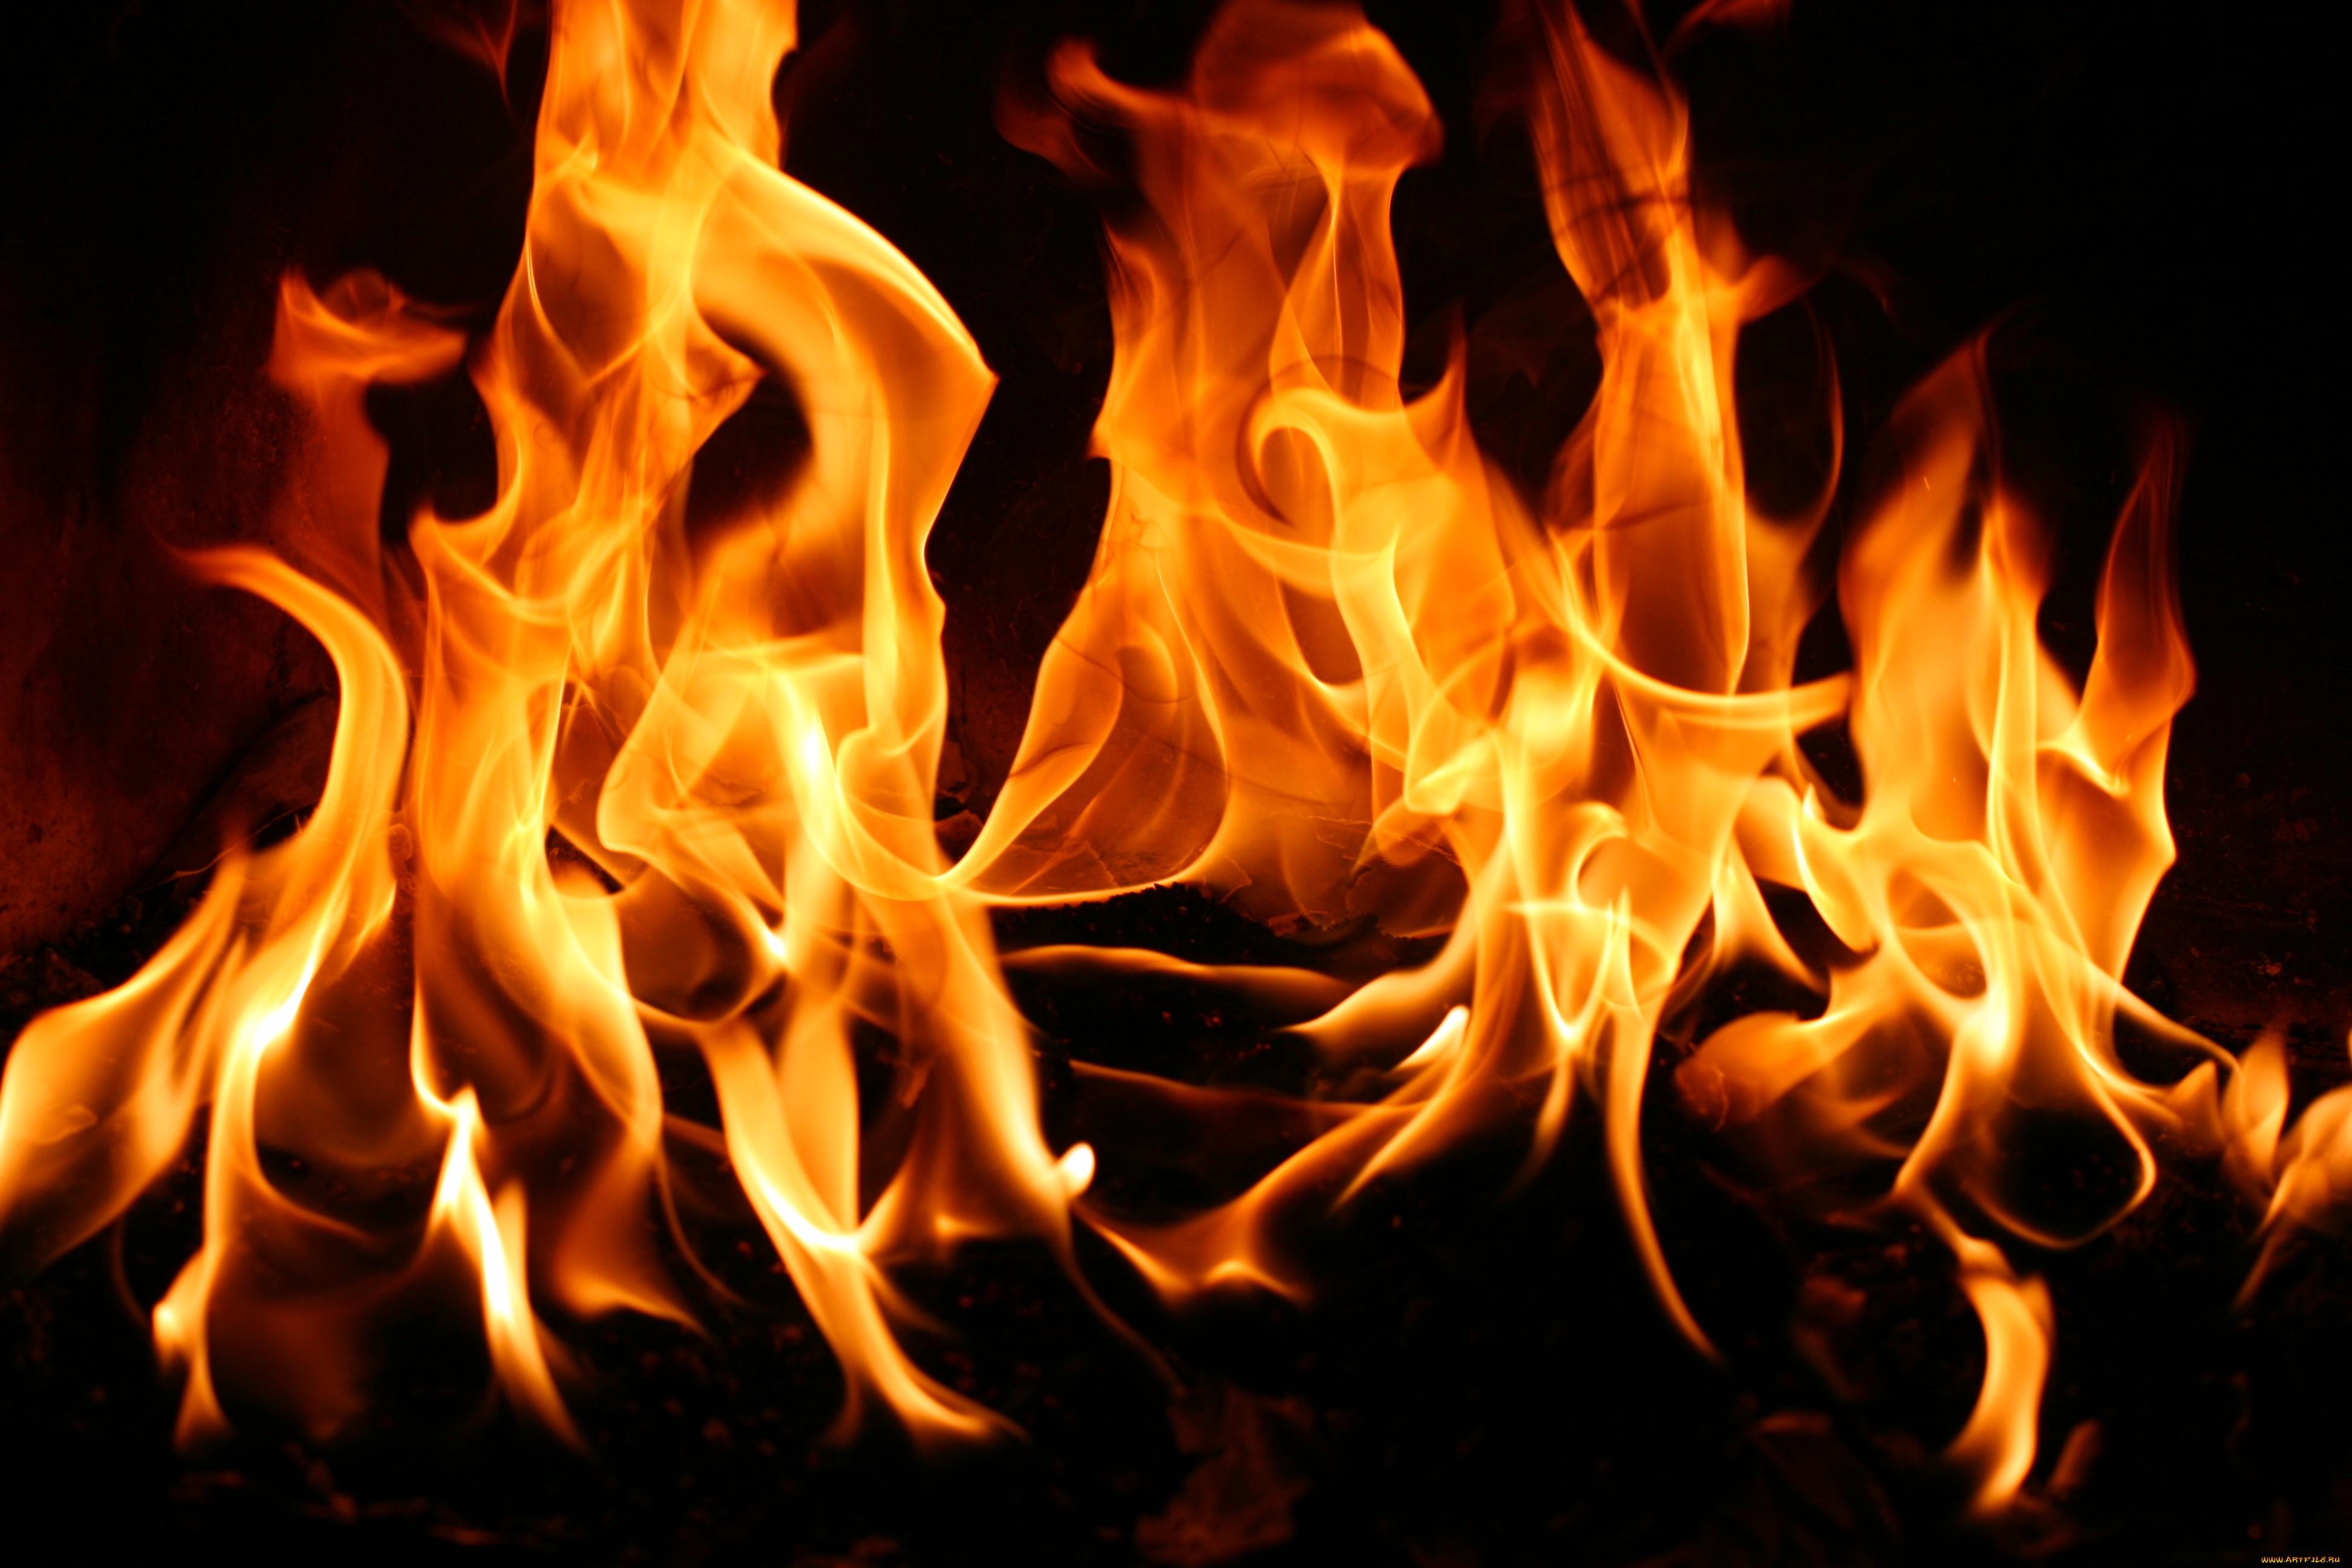 Селянка сожгла своего новорожденного ребенка, бросив младенца в топку печи